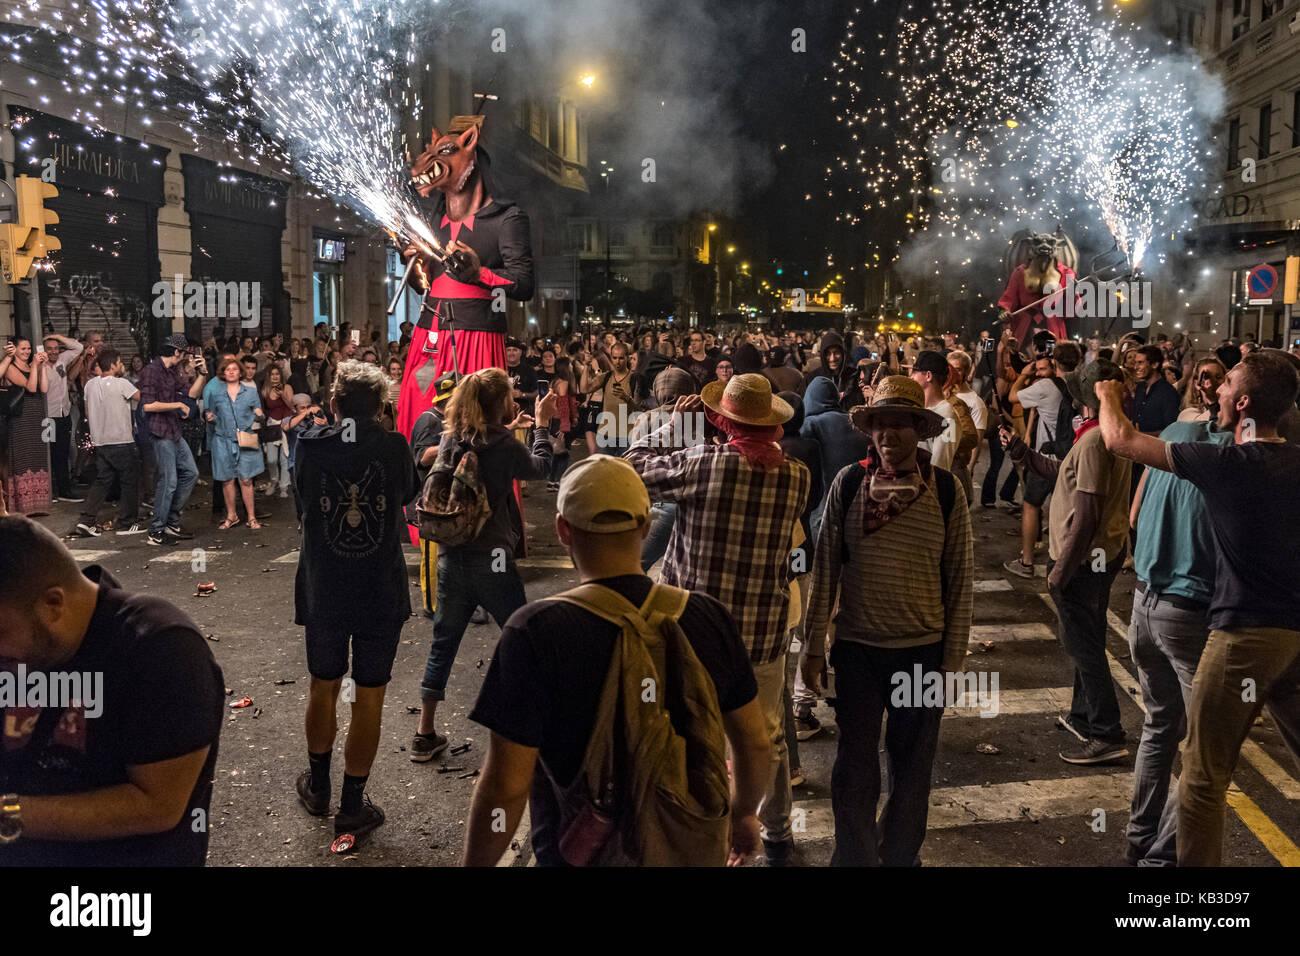 Correfocs sont parmi les plus remarquables caractéristiques présentes dans les festivals catalans. Dans le correfoc, Banque D'Images